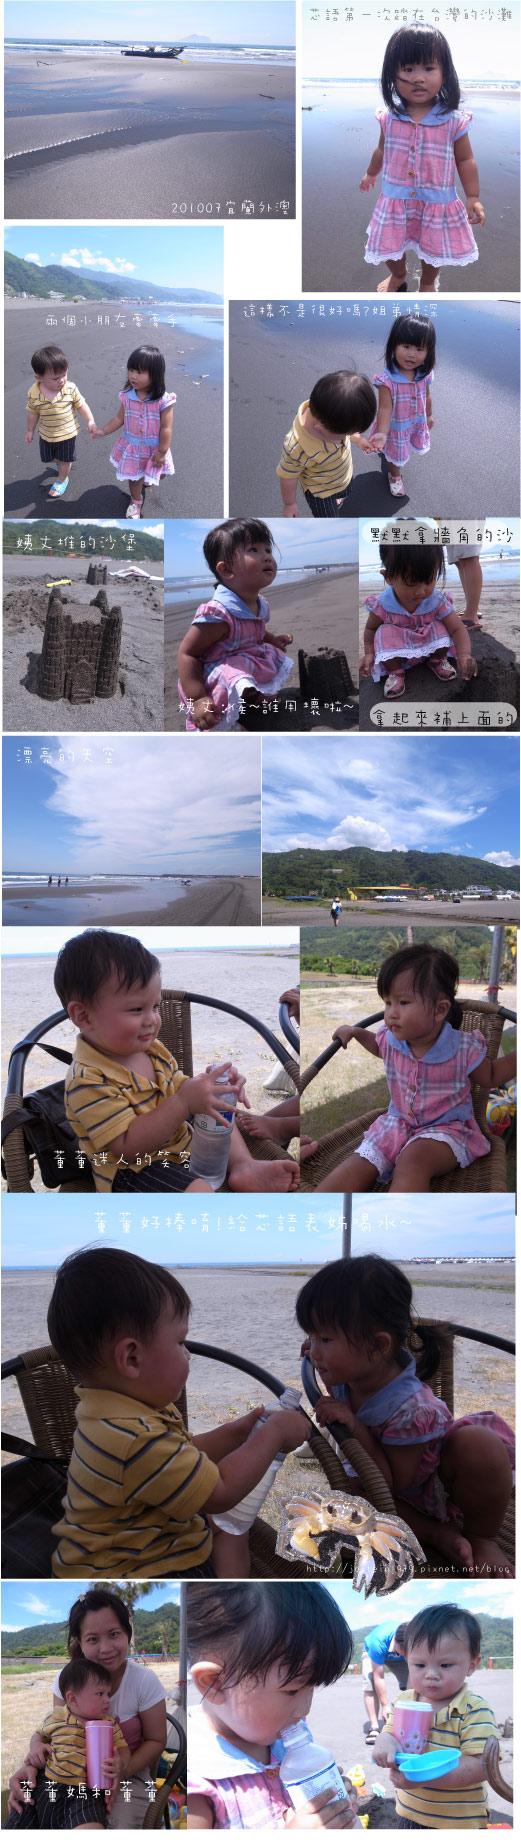 20100721-1.jpg